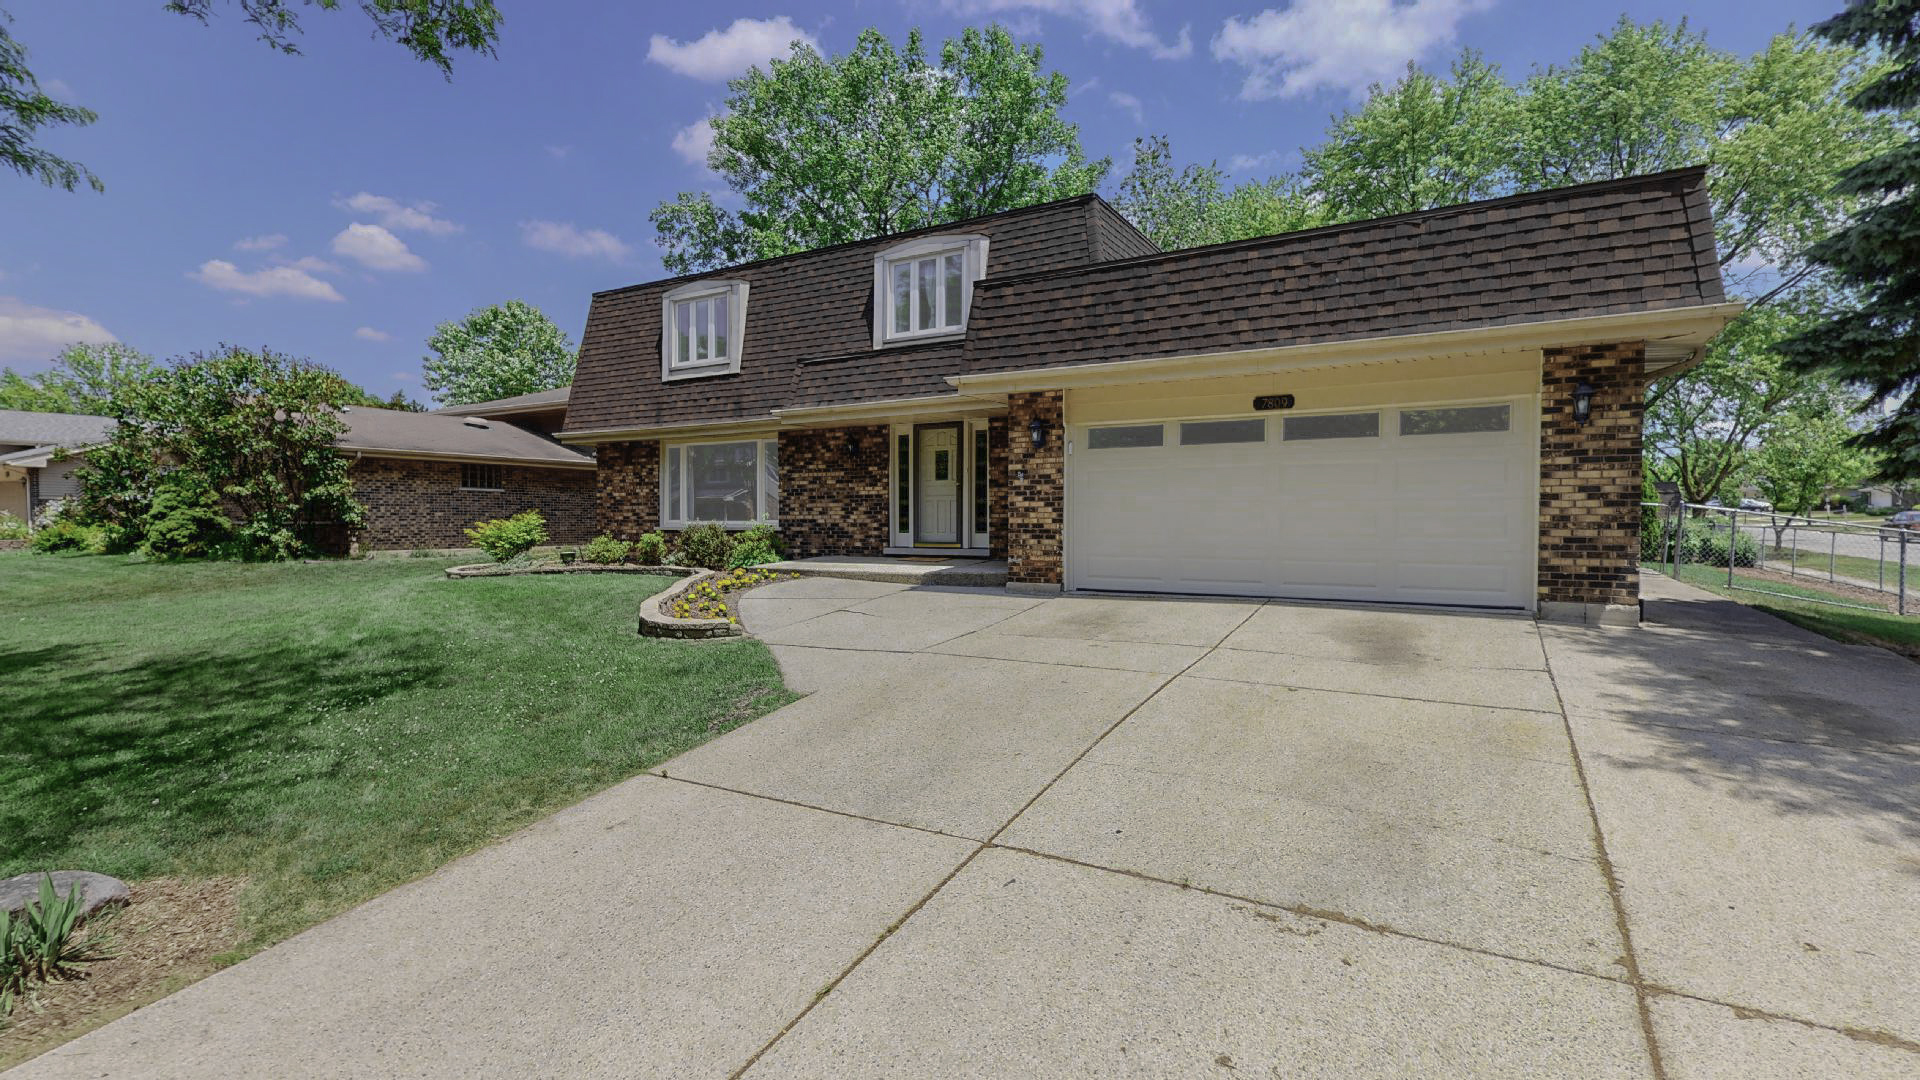 7809 Farmingdale, Darien, Illinois, 60561